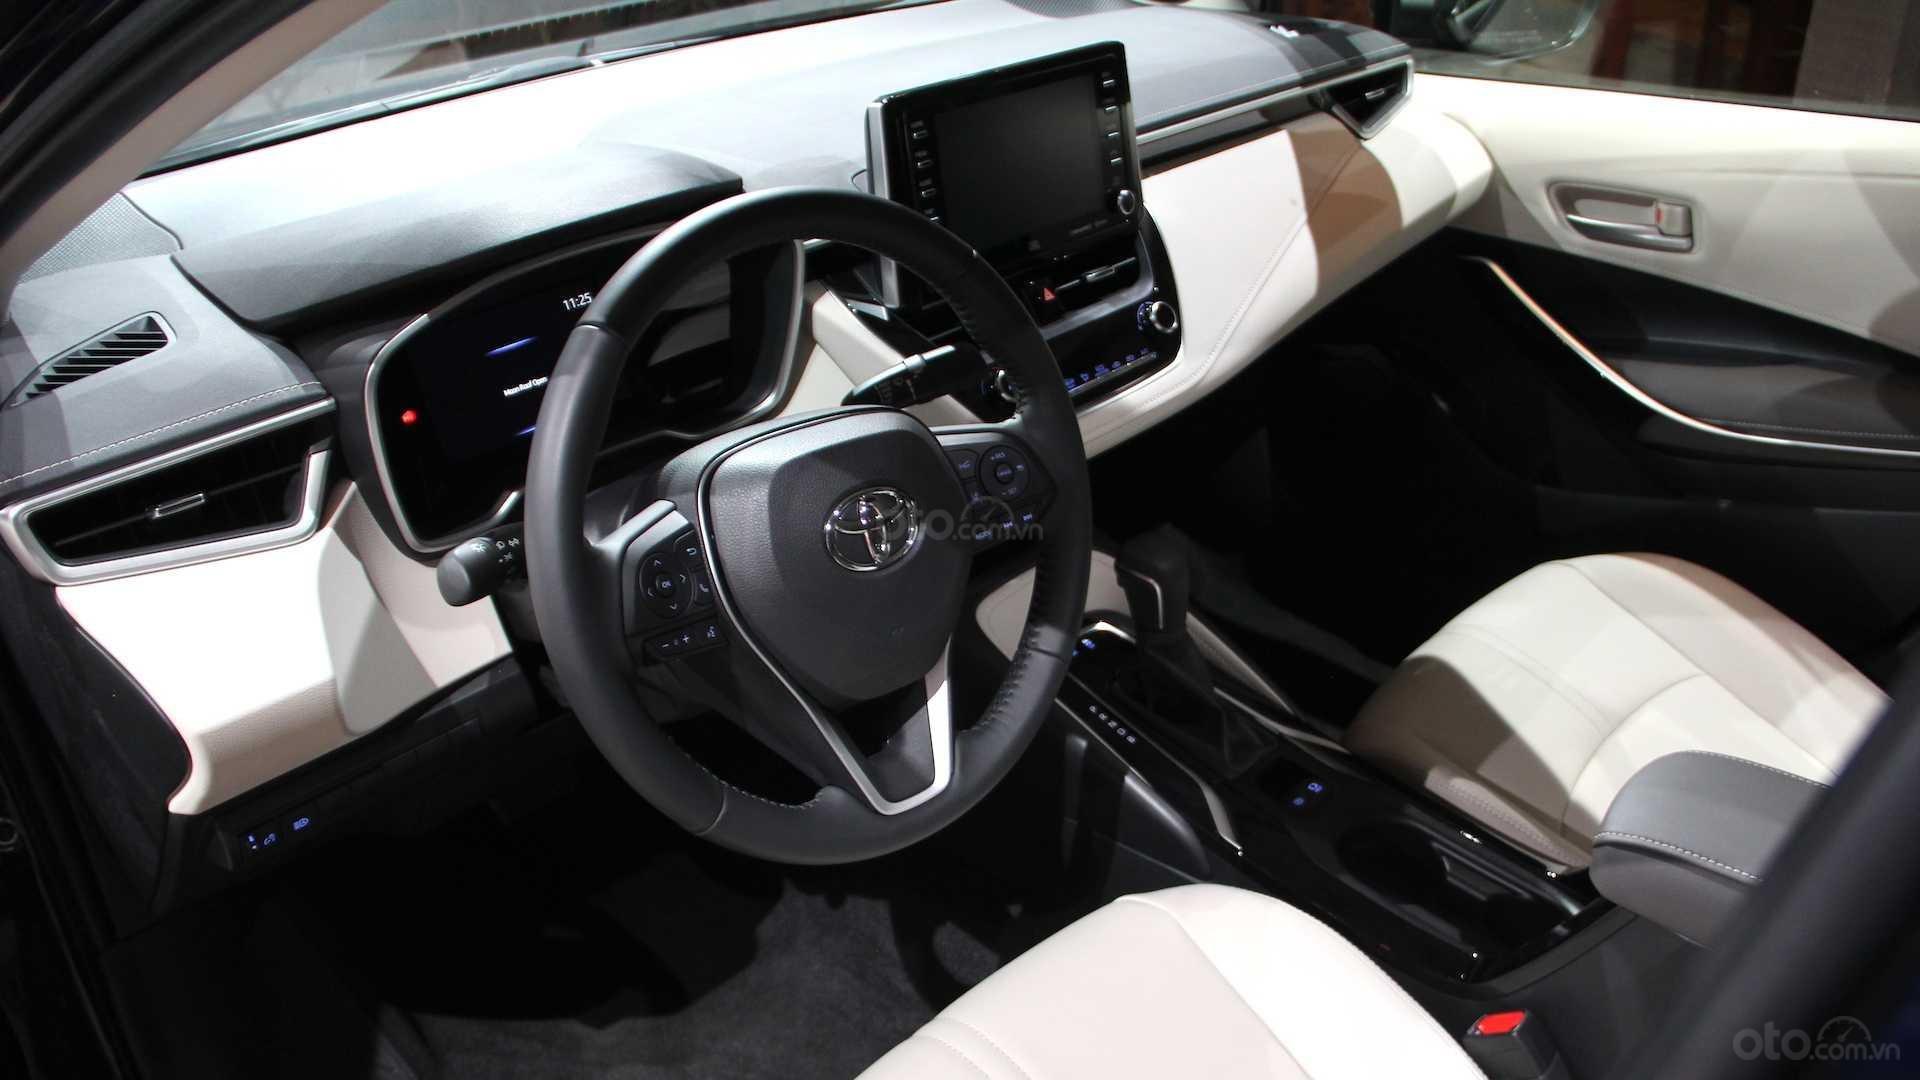 Đánh giá xe Toyota Corolla 2020 phần nội thất